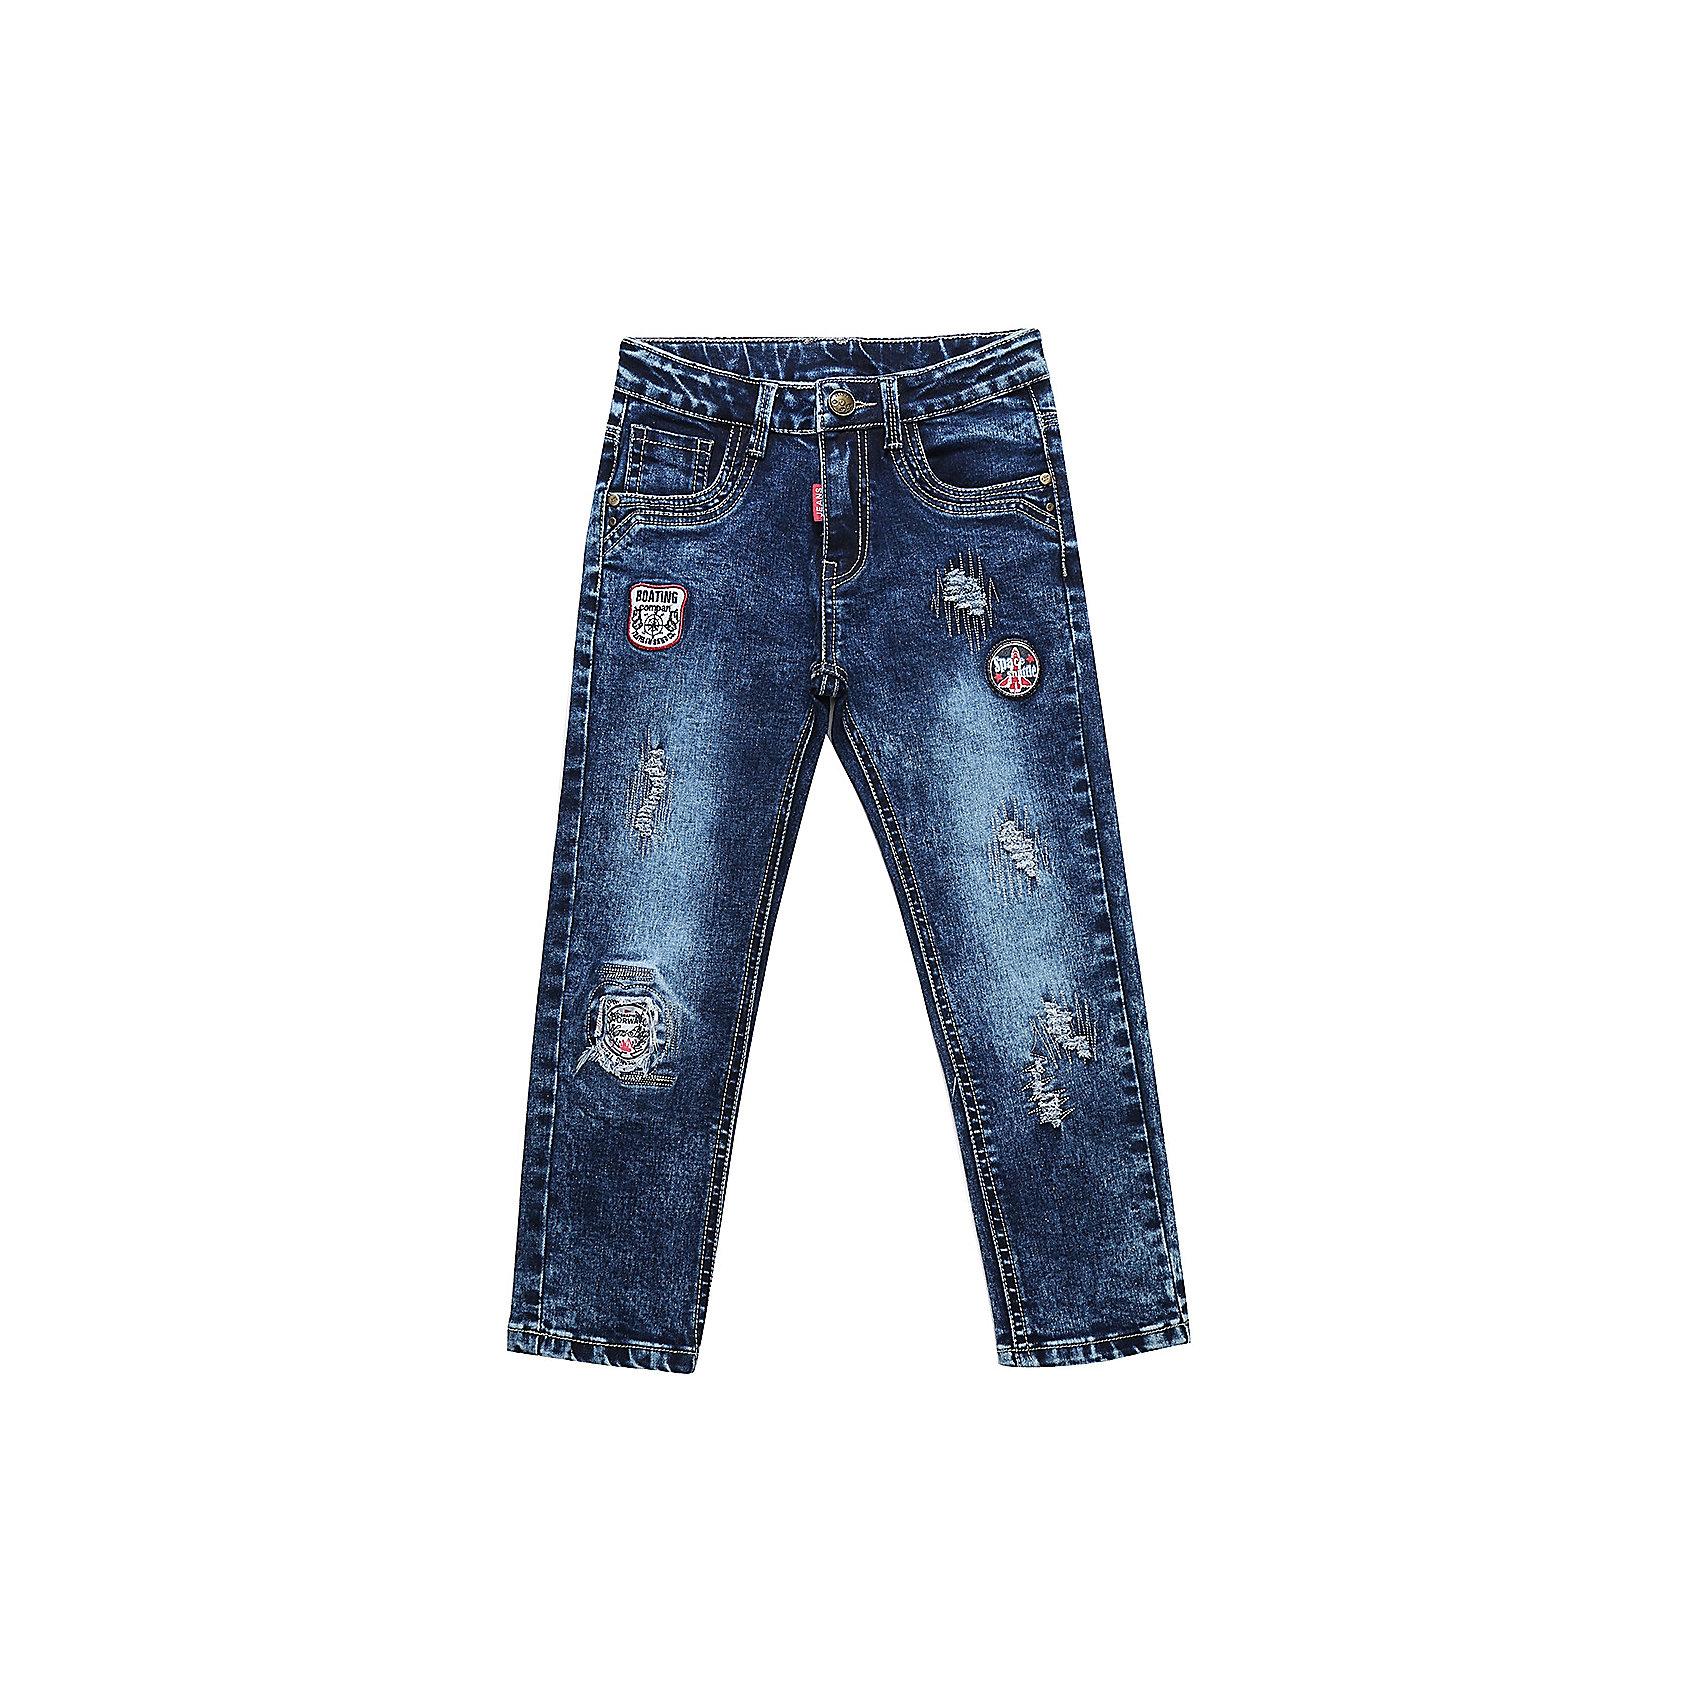 Брюки Sweet Berry для мальчикаДжинсы<br>Брюки Sweet Berry для мальчика<br>Ультрамодные джинсовые брюки для мальчика. Декорированы оригинальной варкой, потёртостями и аппликацией. Зауженный крой, средняя посадка. Застегиваются на молнию и крючок. Шлевки на поясе рассчитаны под ремень. В боковой части пояса находятся вшитые эластичные ленты, регулирующие посадку по талии.<br>Состав:<br>98% хлопок, 2% спандекс<br><br>Ширина мм: 215<br>Глубина мм: 88<br>Высота мм: 191<br>Вес г: 336<br>Цвет: синий<br>Возраст от месяцев: 84<br>Возраст до месяцев: 96<br>Пол: Мужской<br>Возраст: Детский<br>Размер: 128,98,104,110,116,122<br>SKU: 7094720